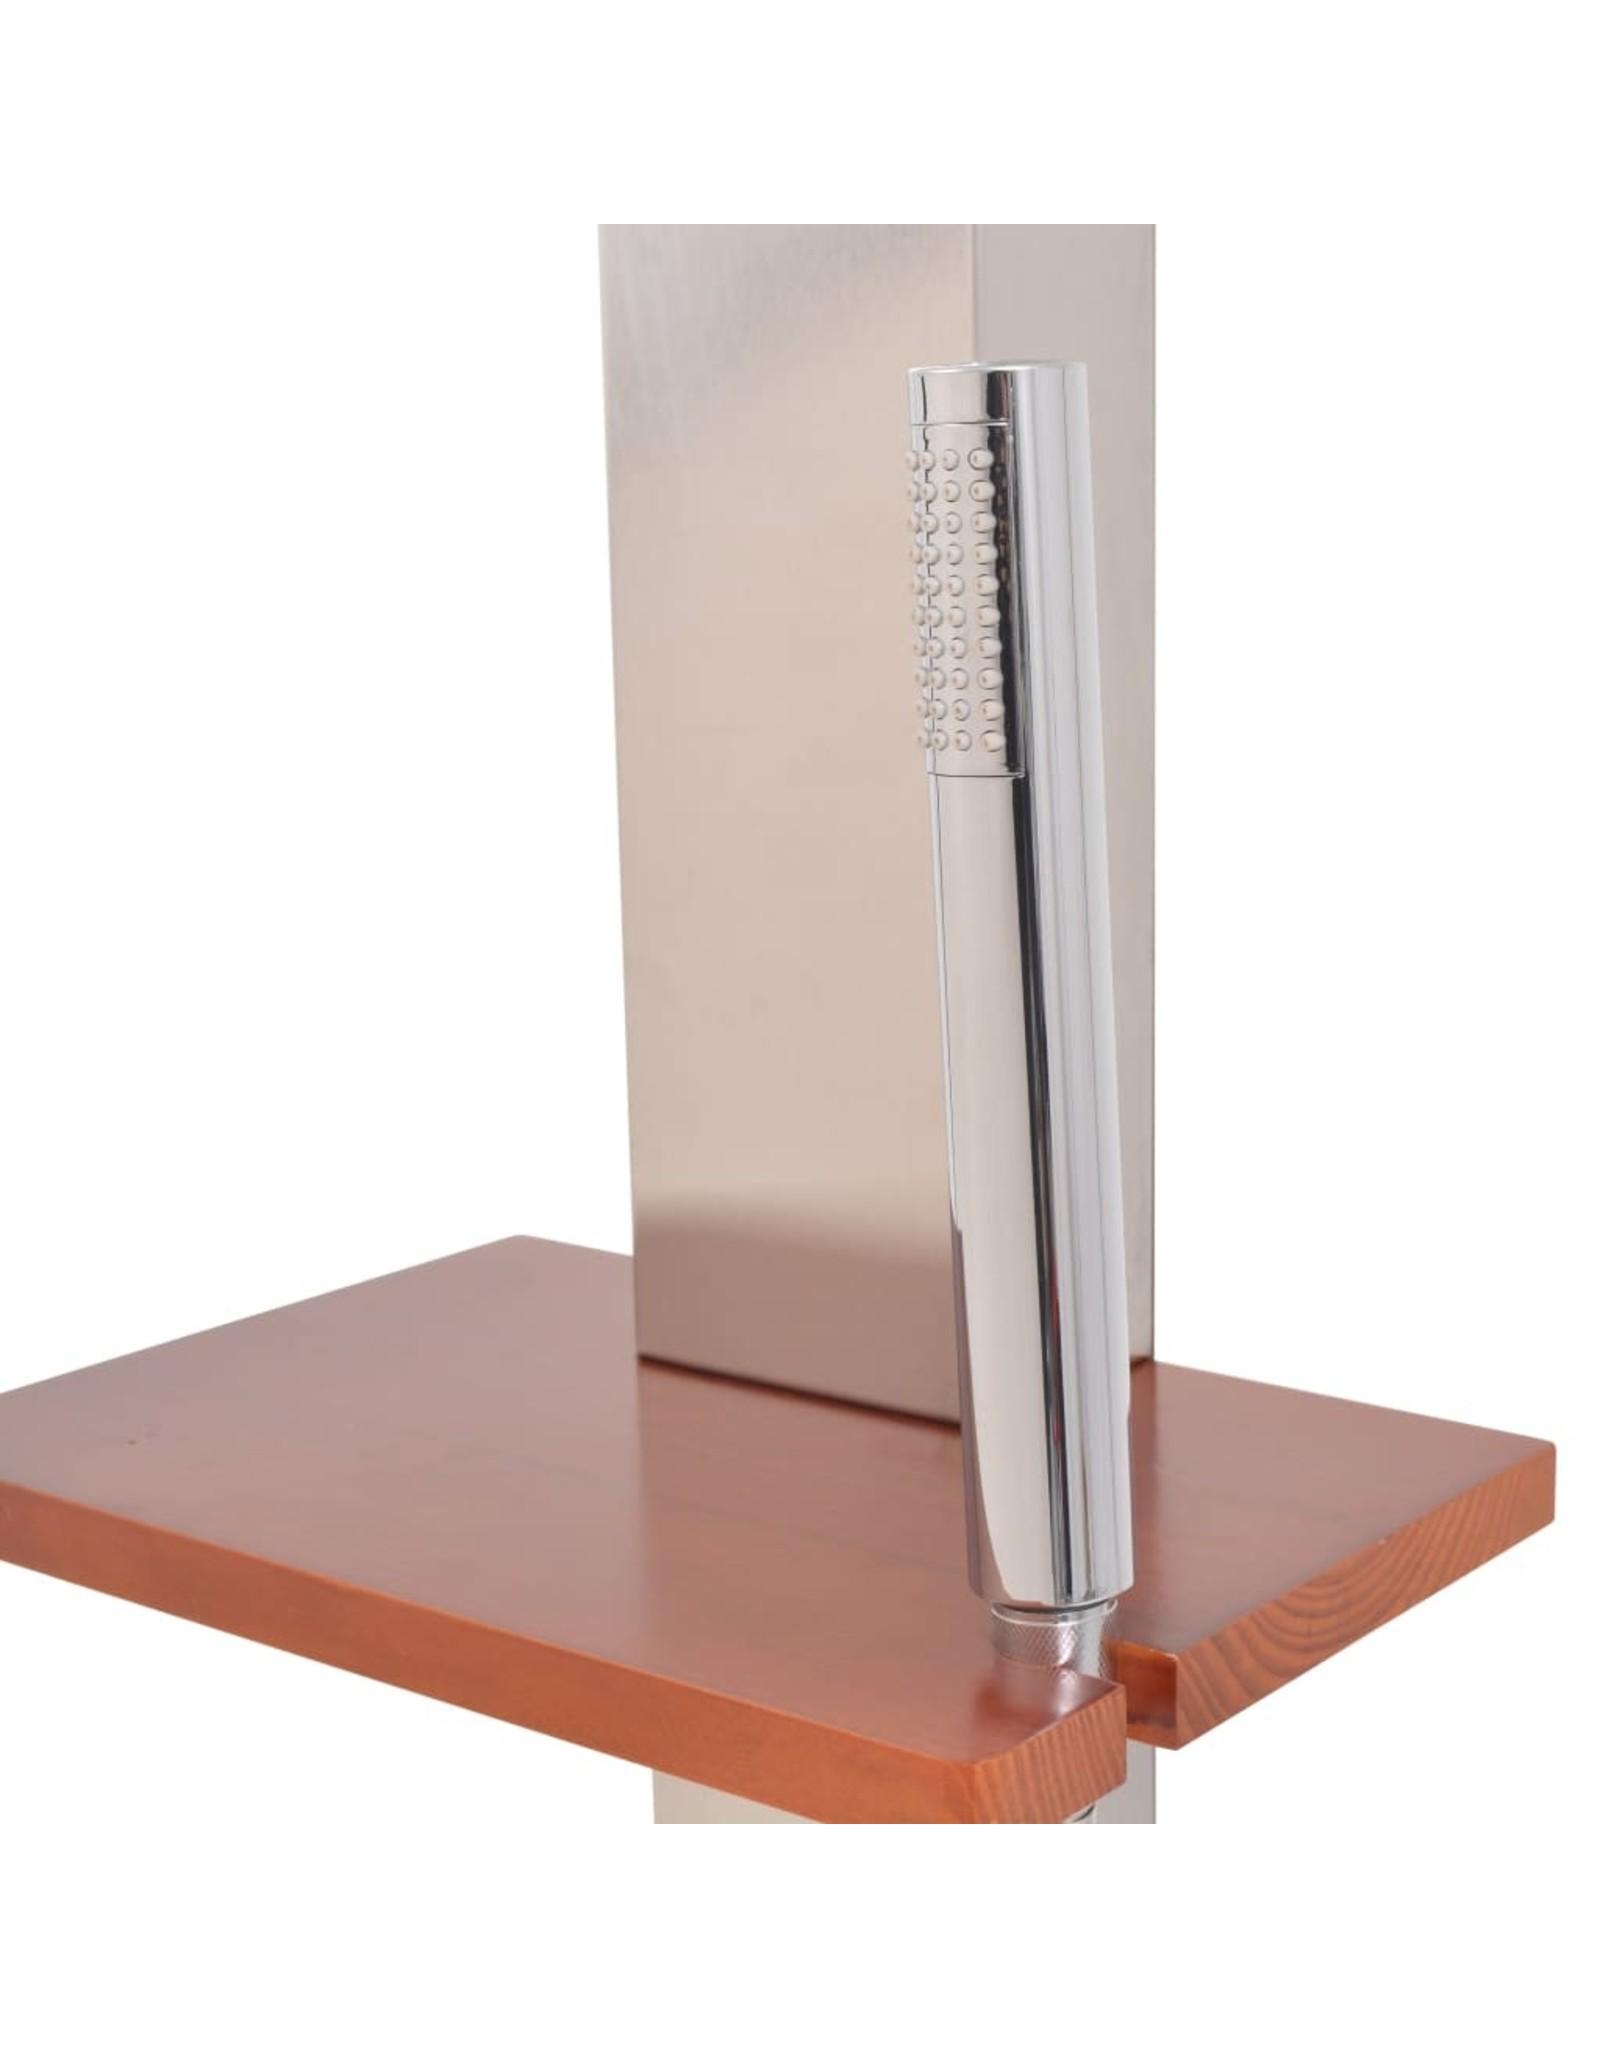 Buitendouche 210 cm geborsteld roestvrij staal